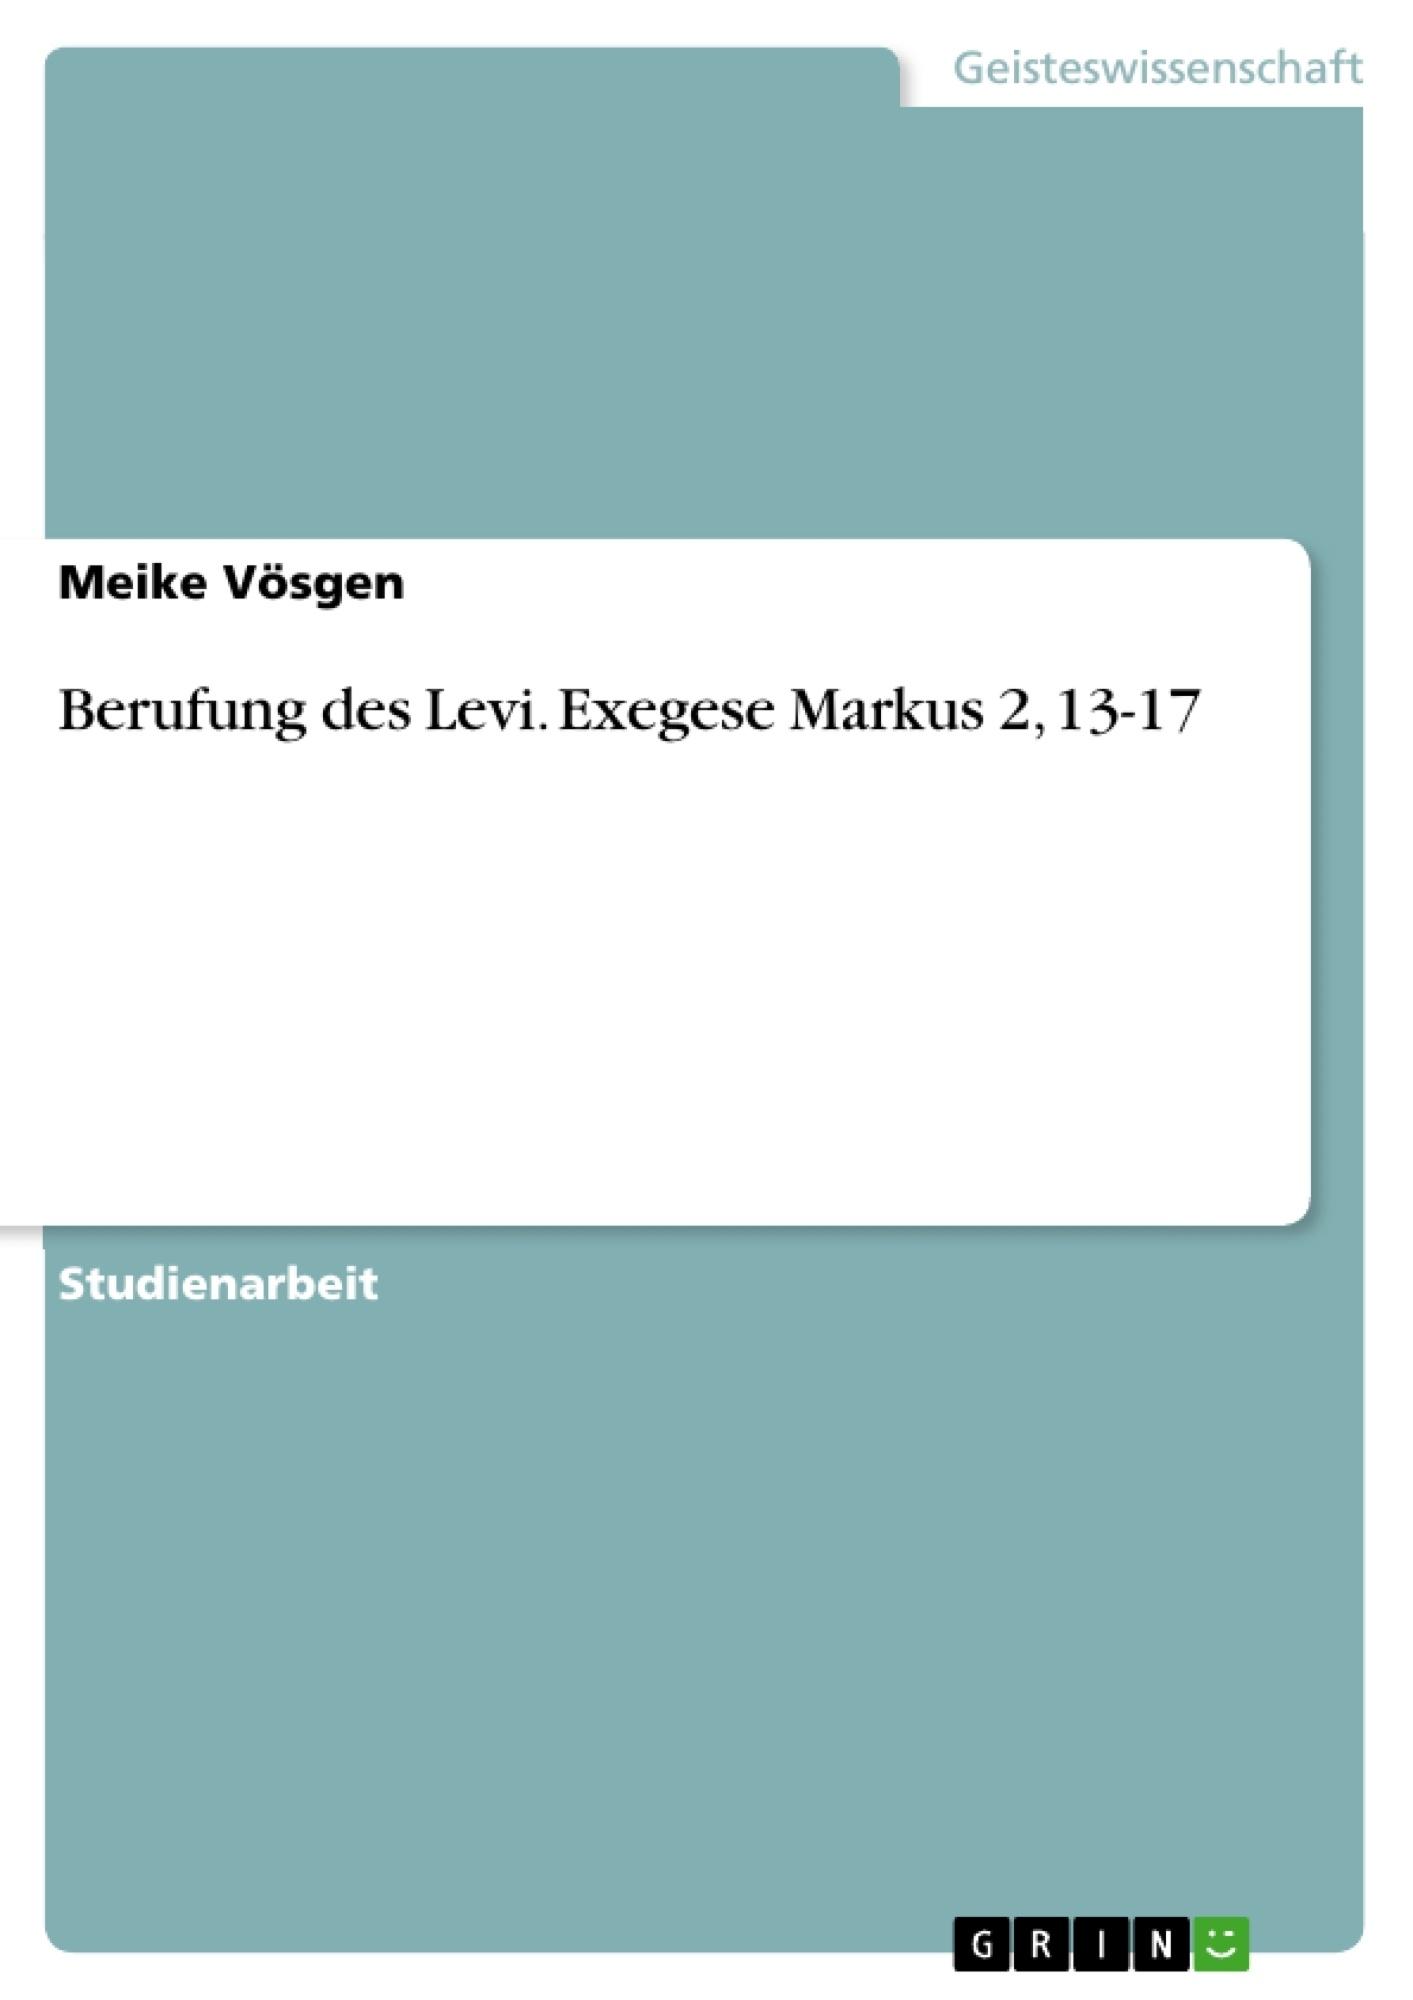 Titel: Berufung des Levi. Exegese Markus 2, 13-17